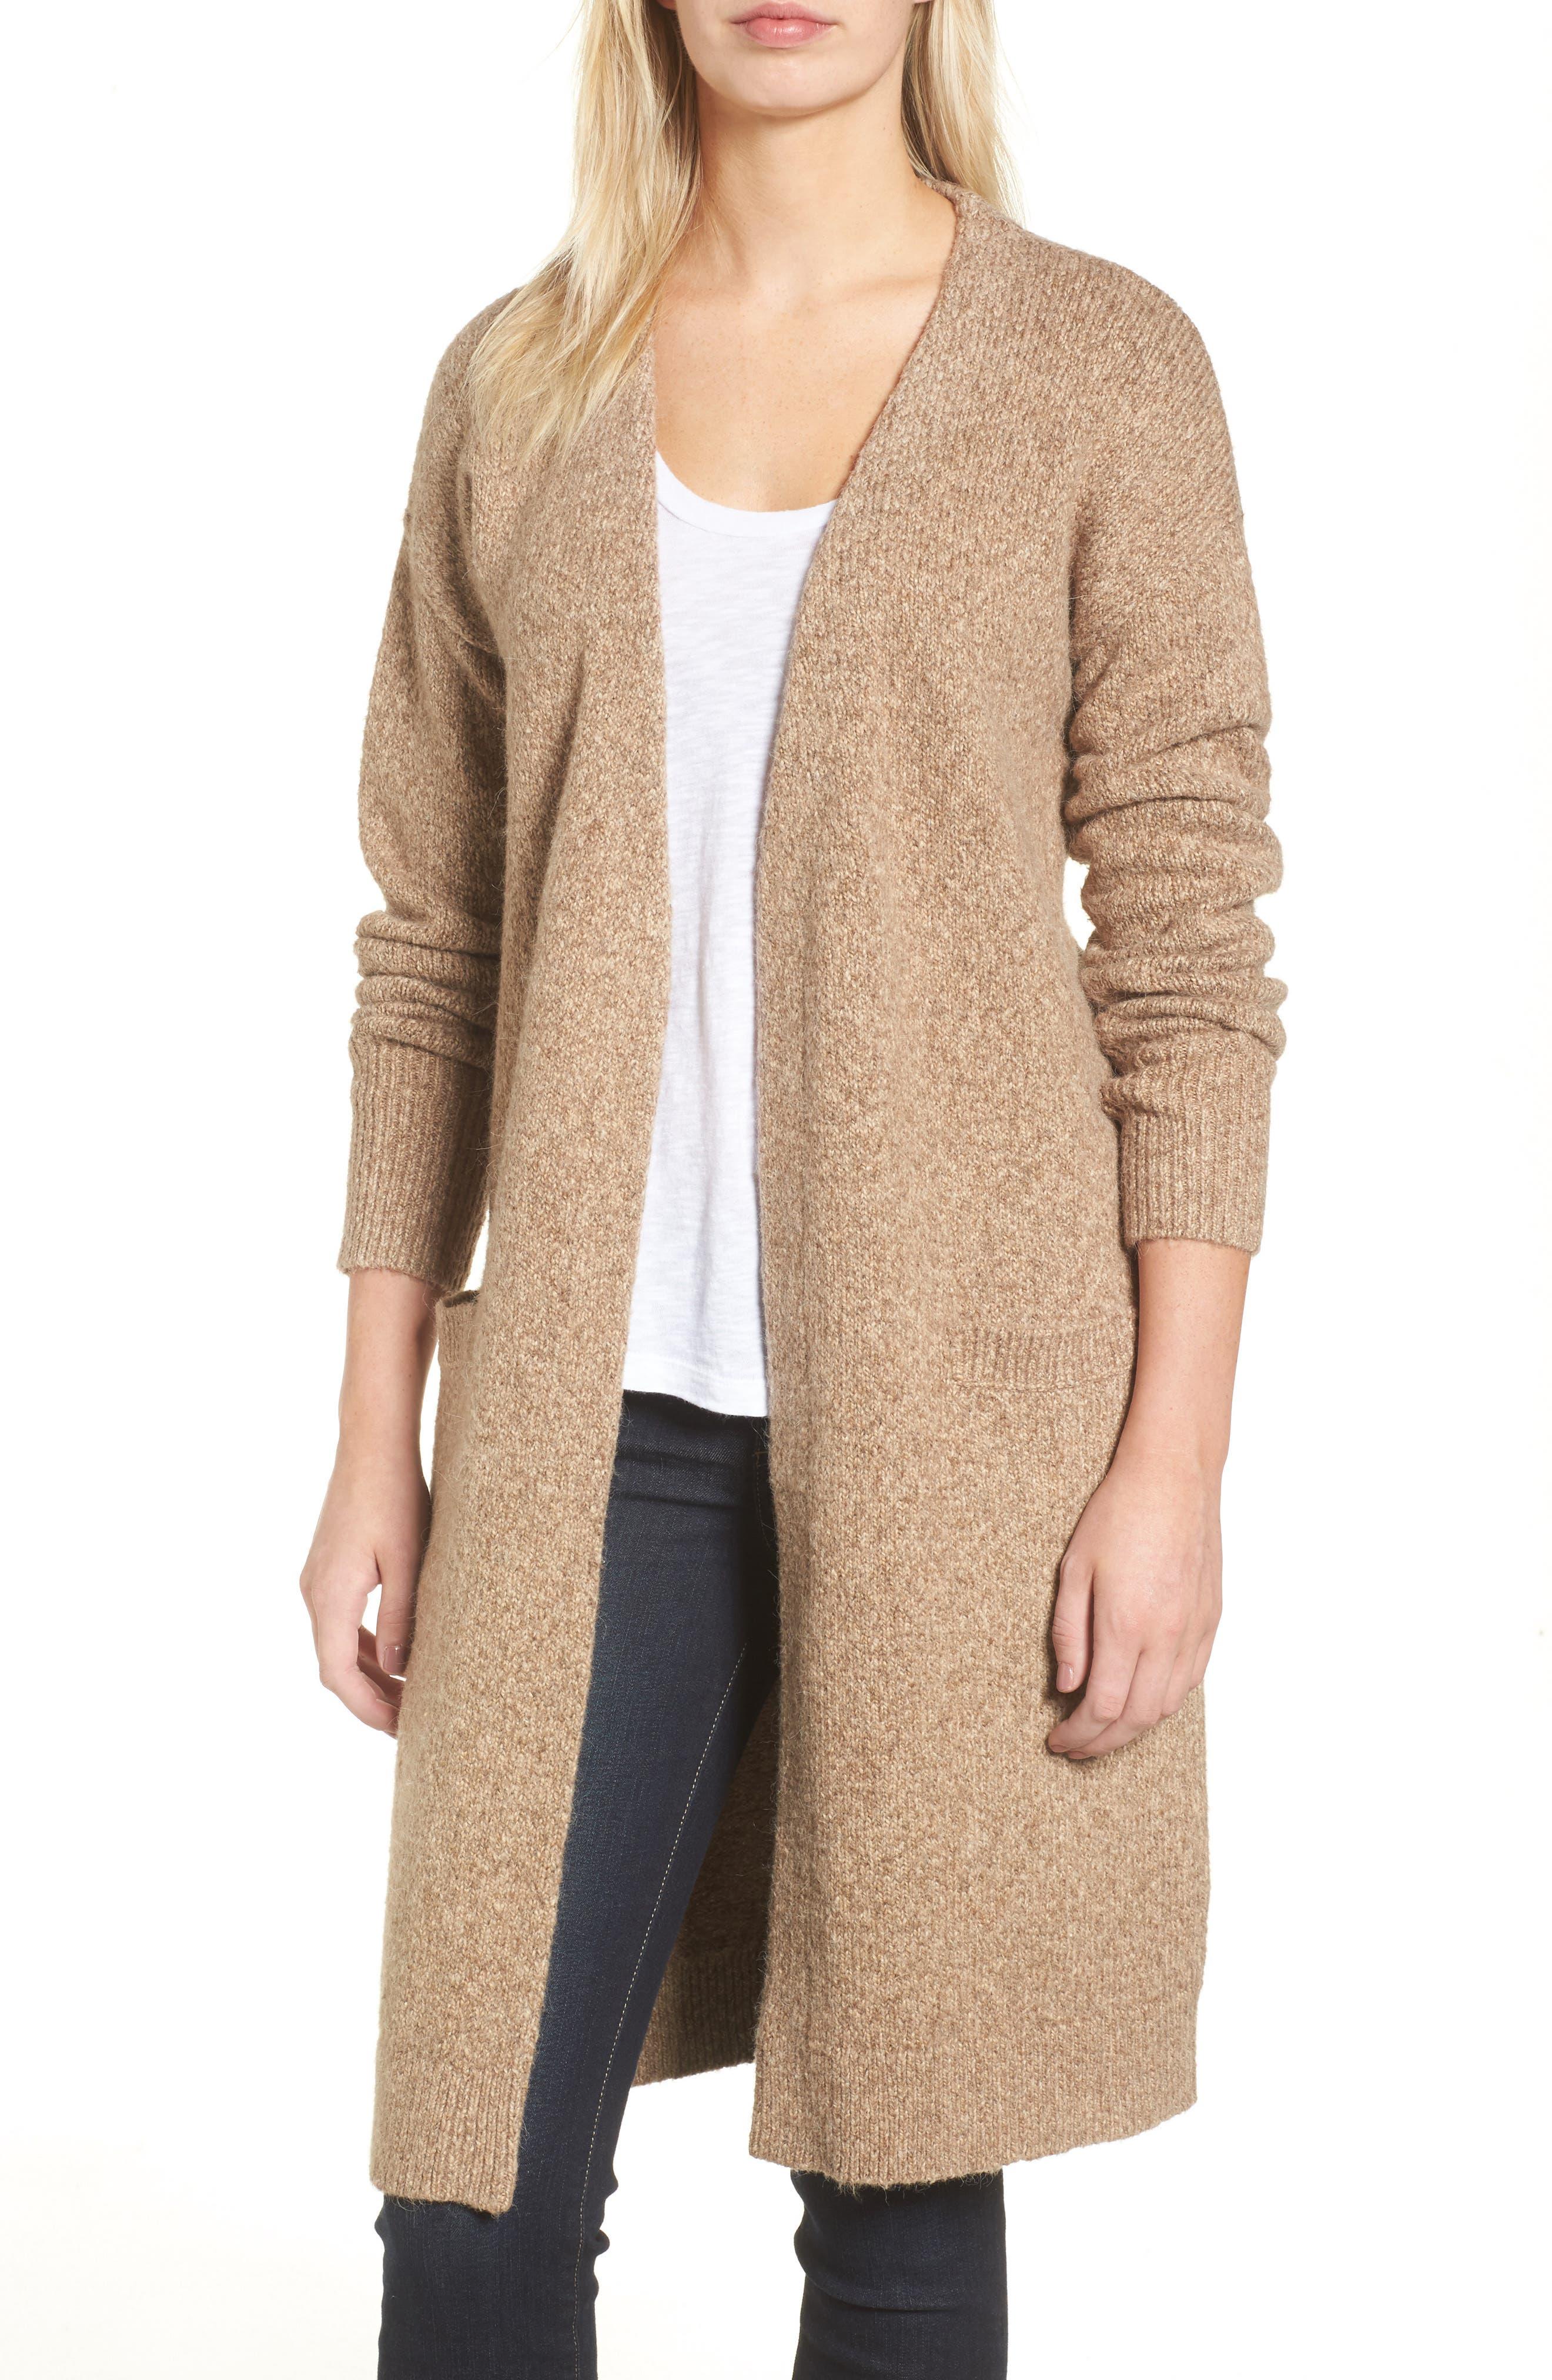 Women's Beige Cardigan Sweaters | Nordstrom